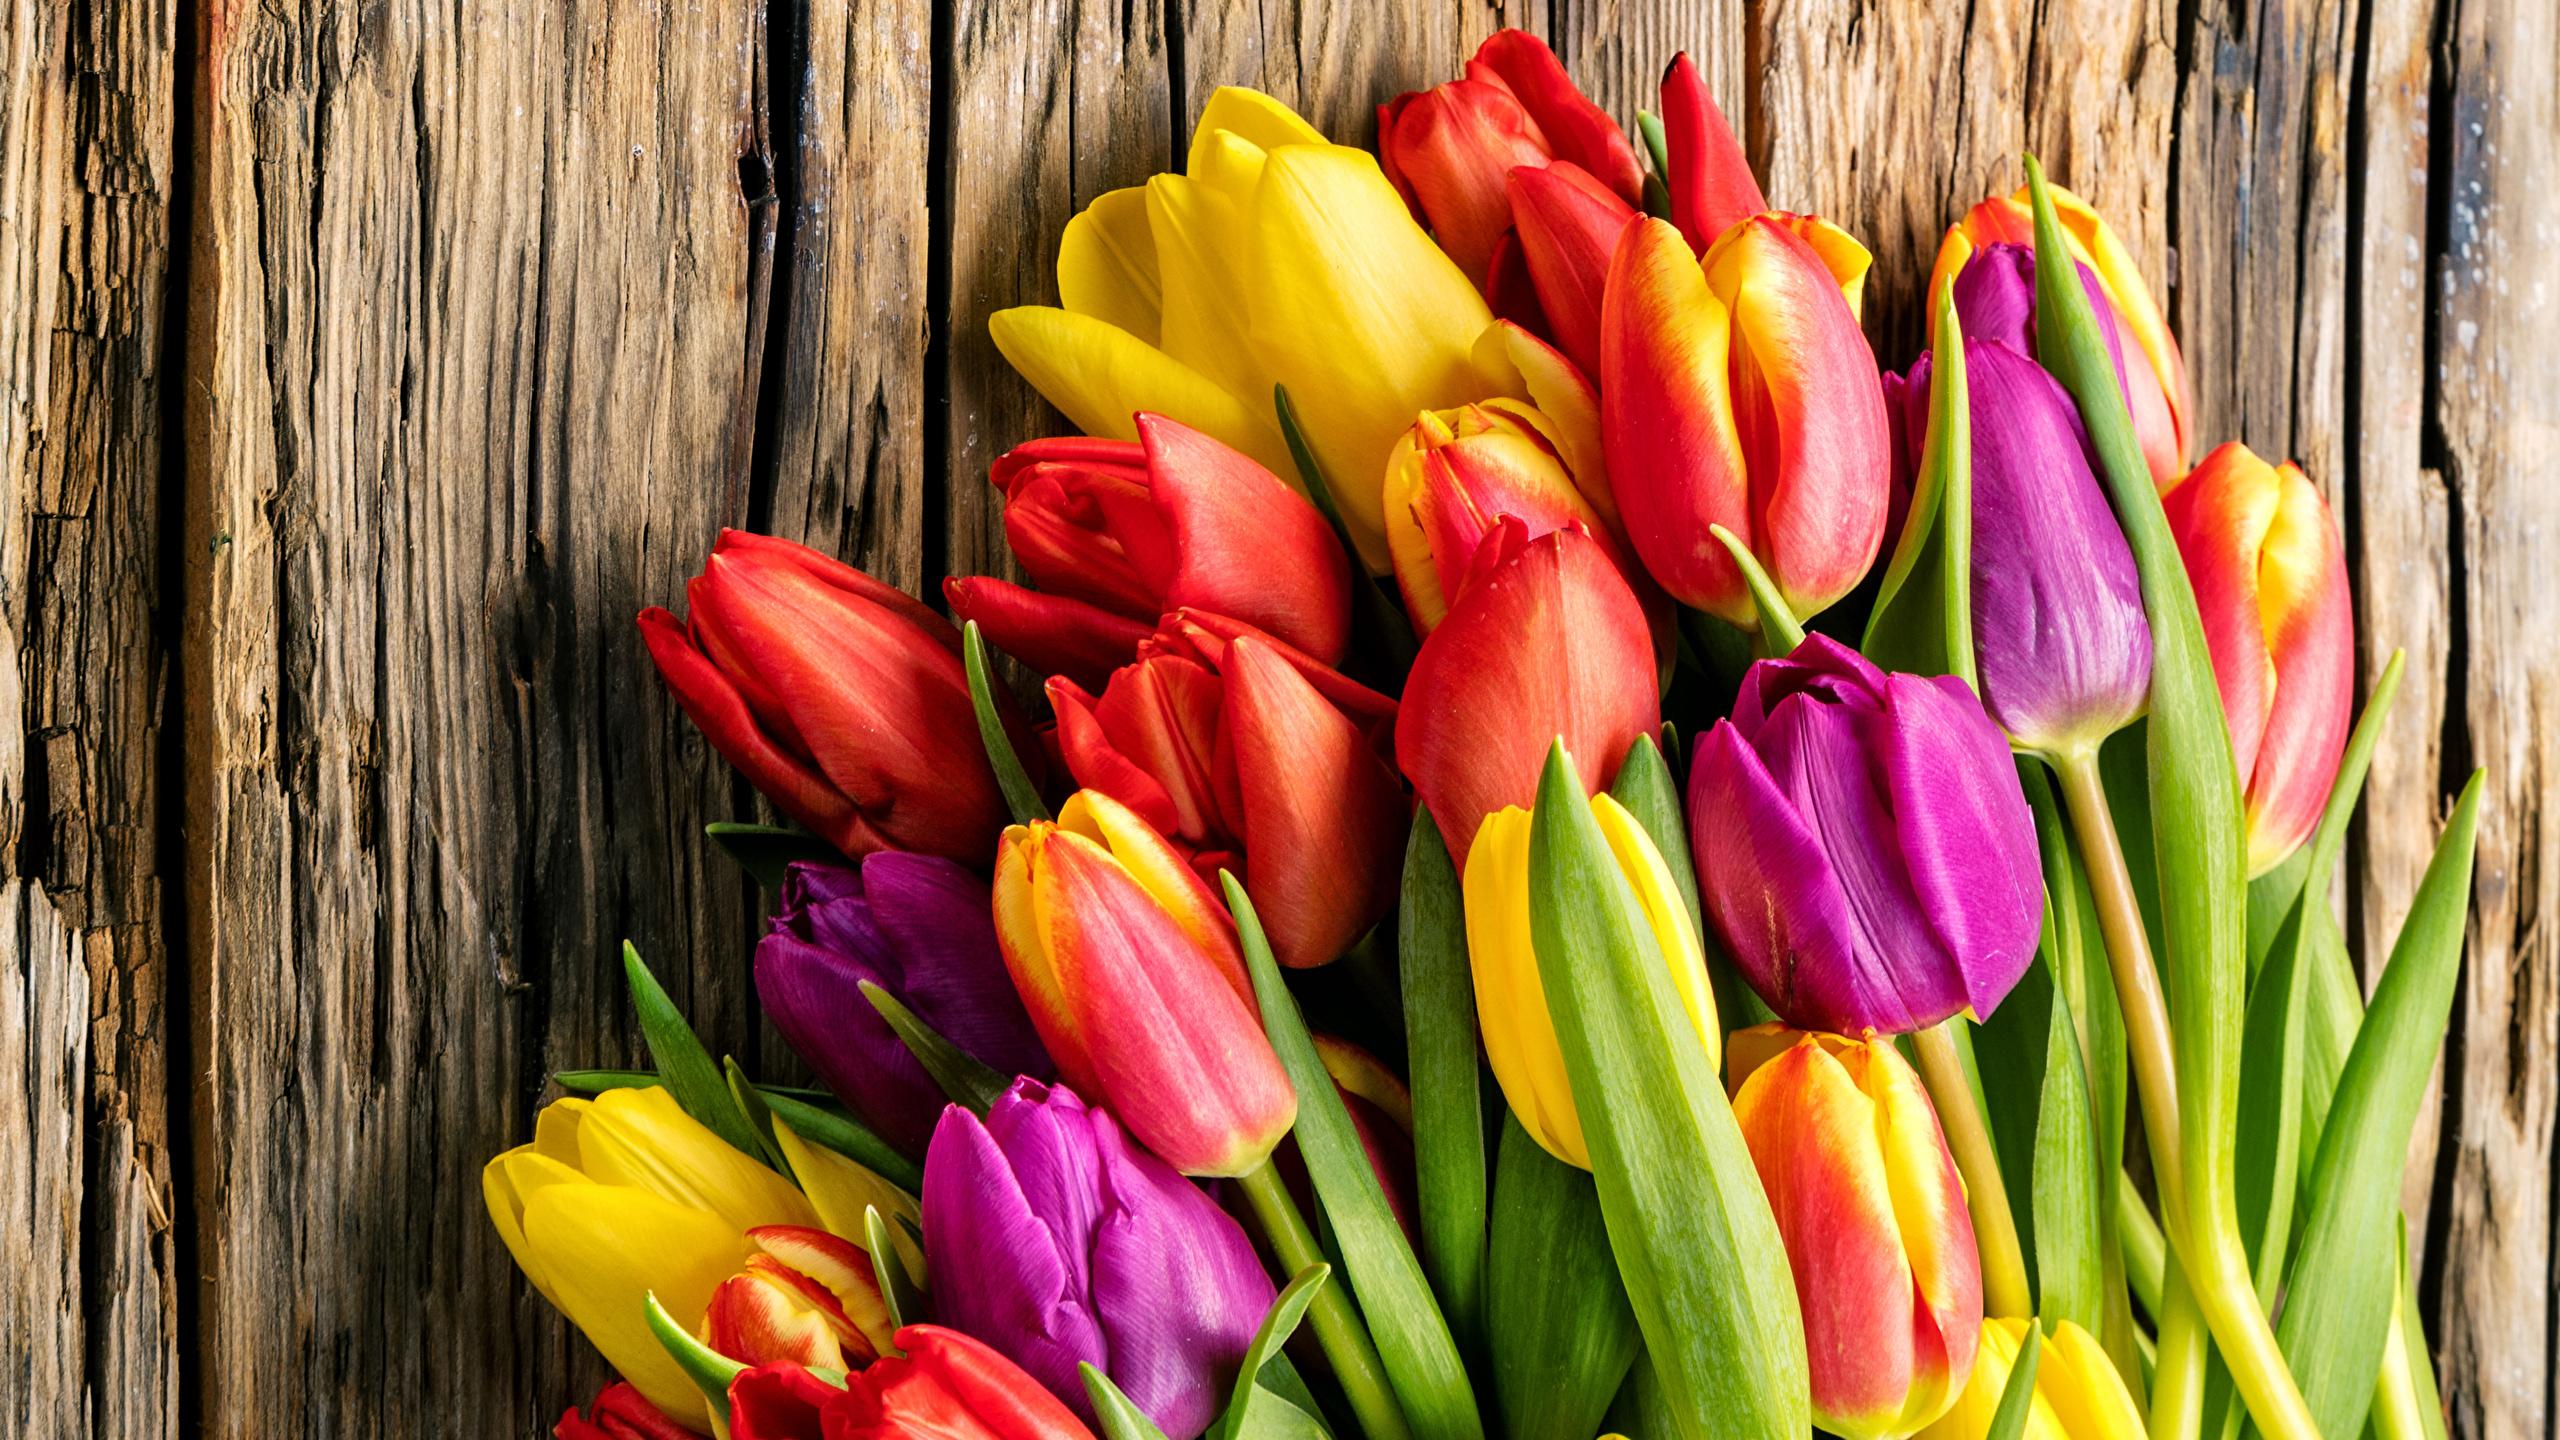 tulip-photo-92